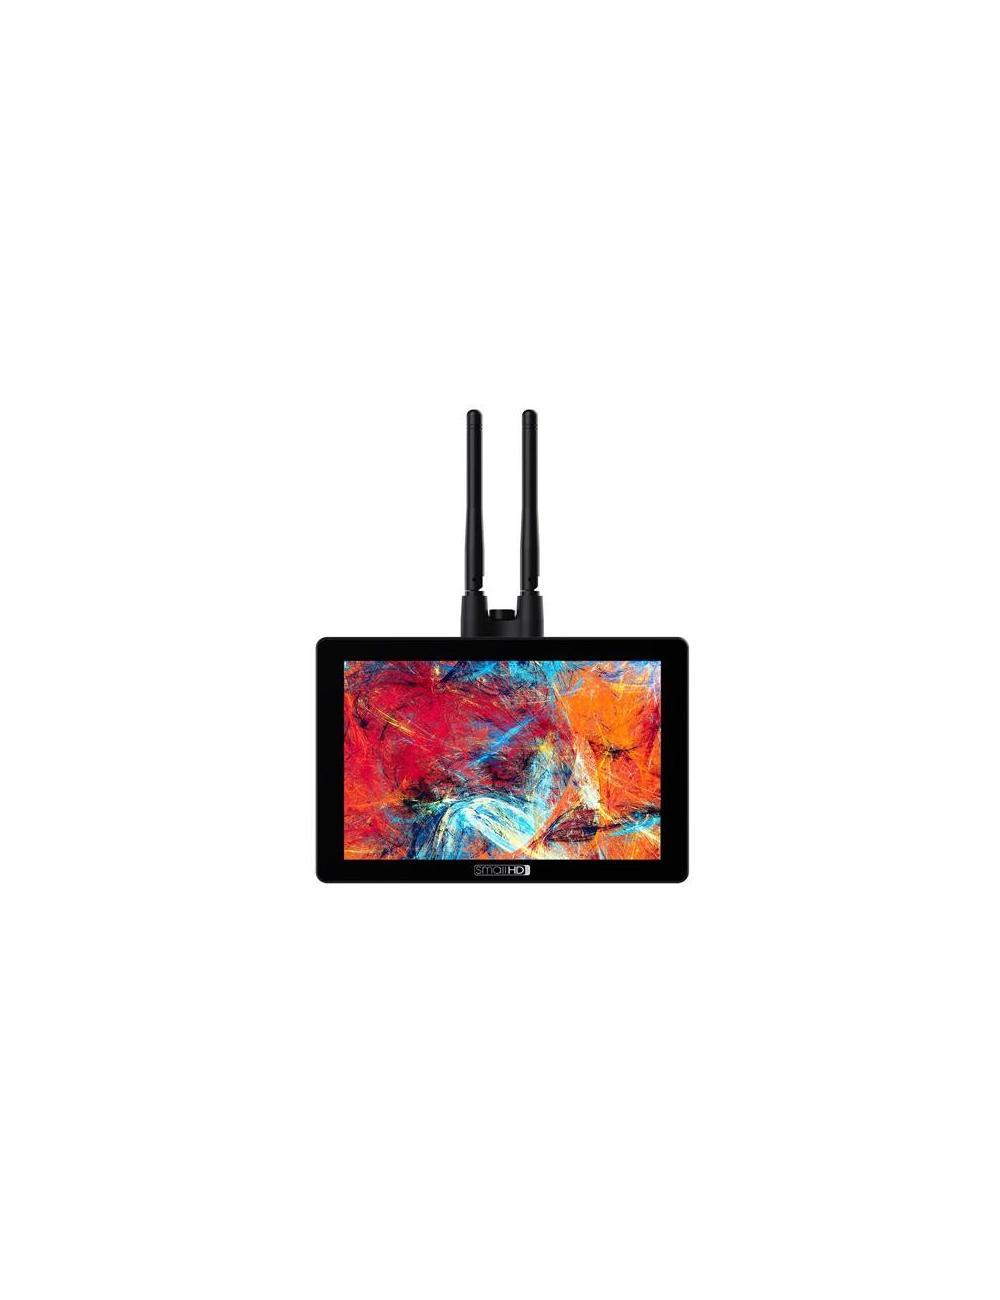 SmallHD Cine 7 -500 TX monitor Full HD -DCI-P3 Color